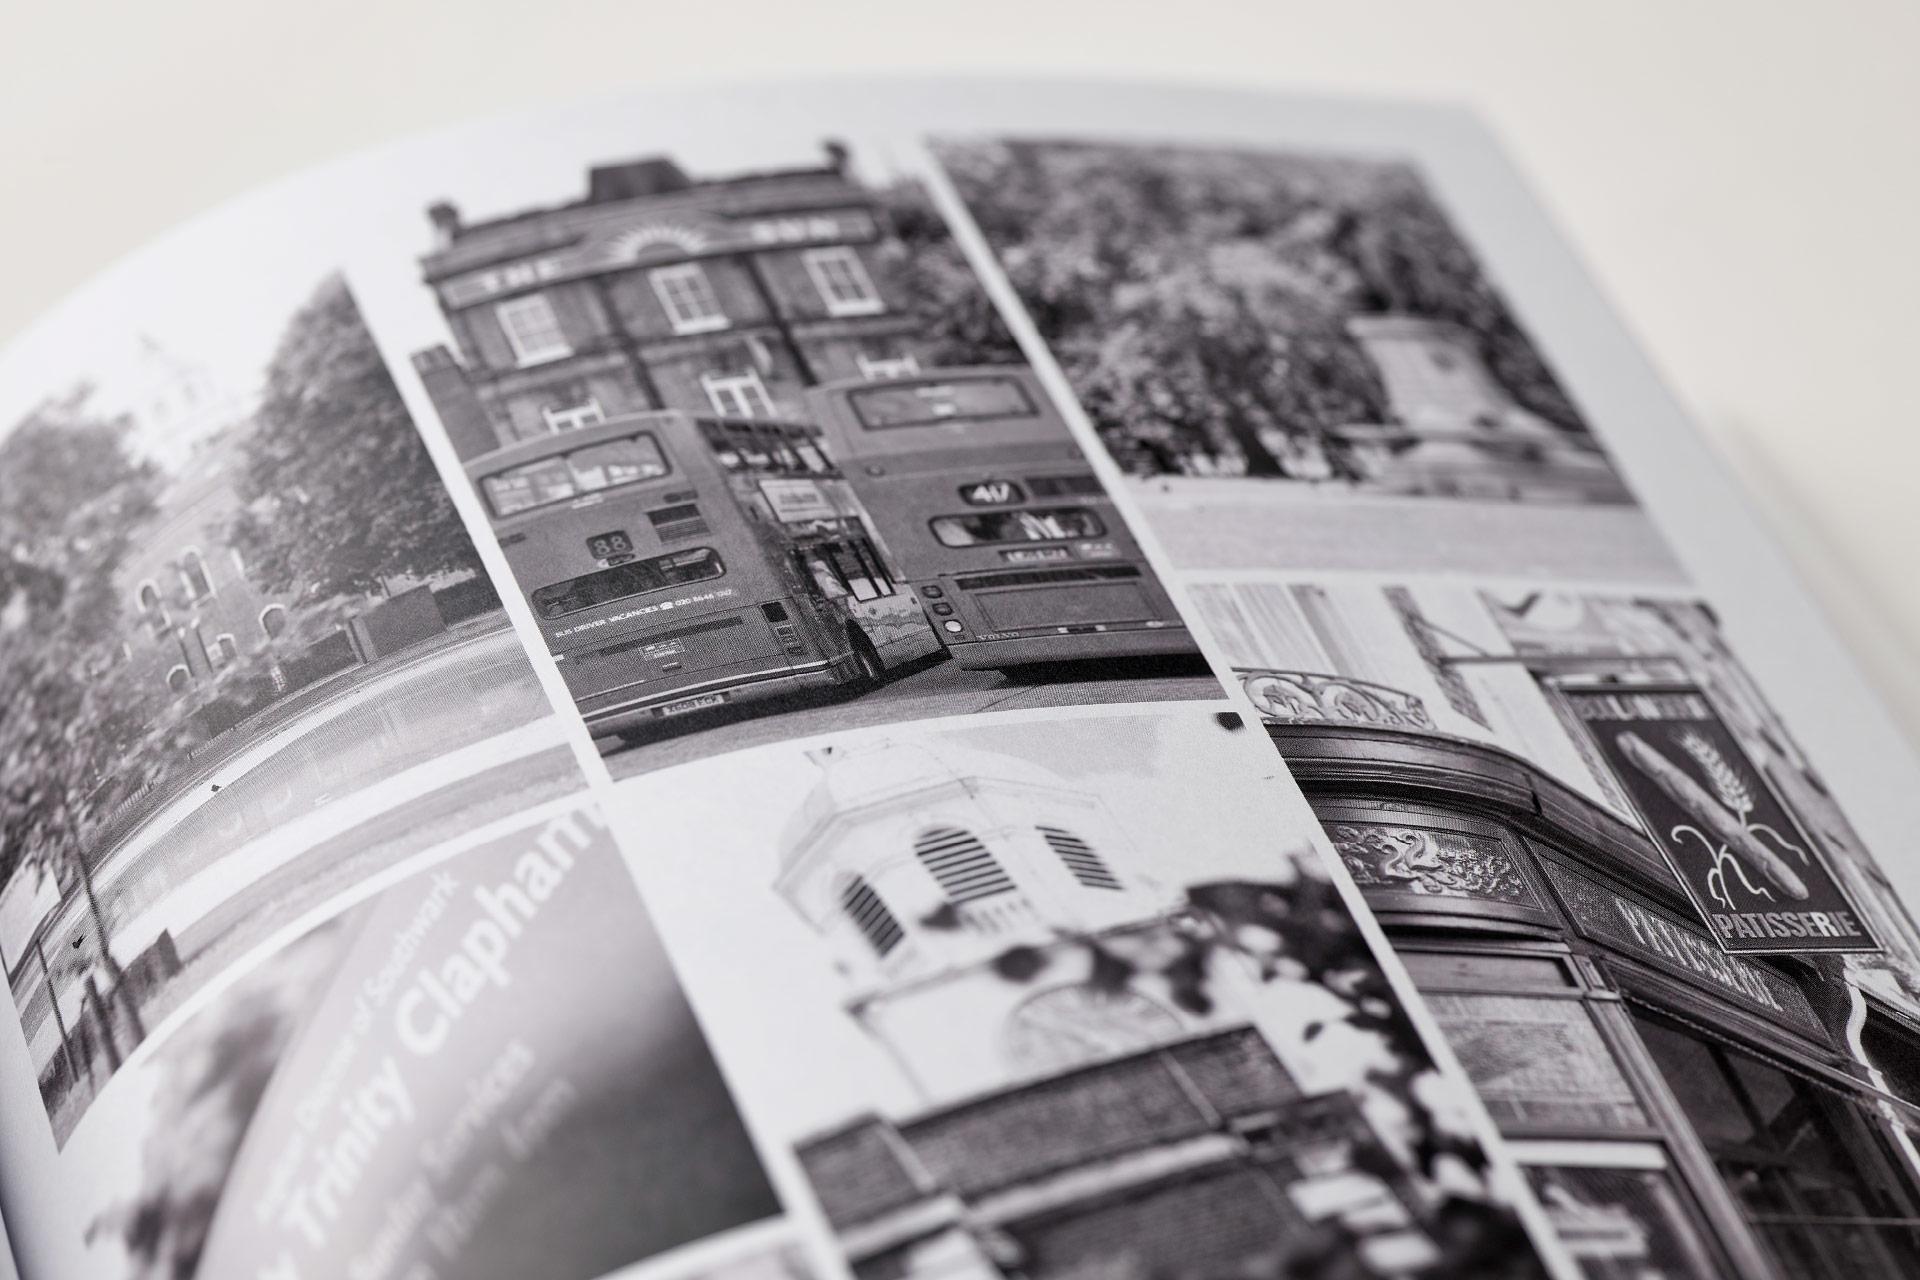 Gestaltungskonzepte von Broschüren, Umschlagseite